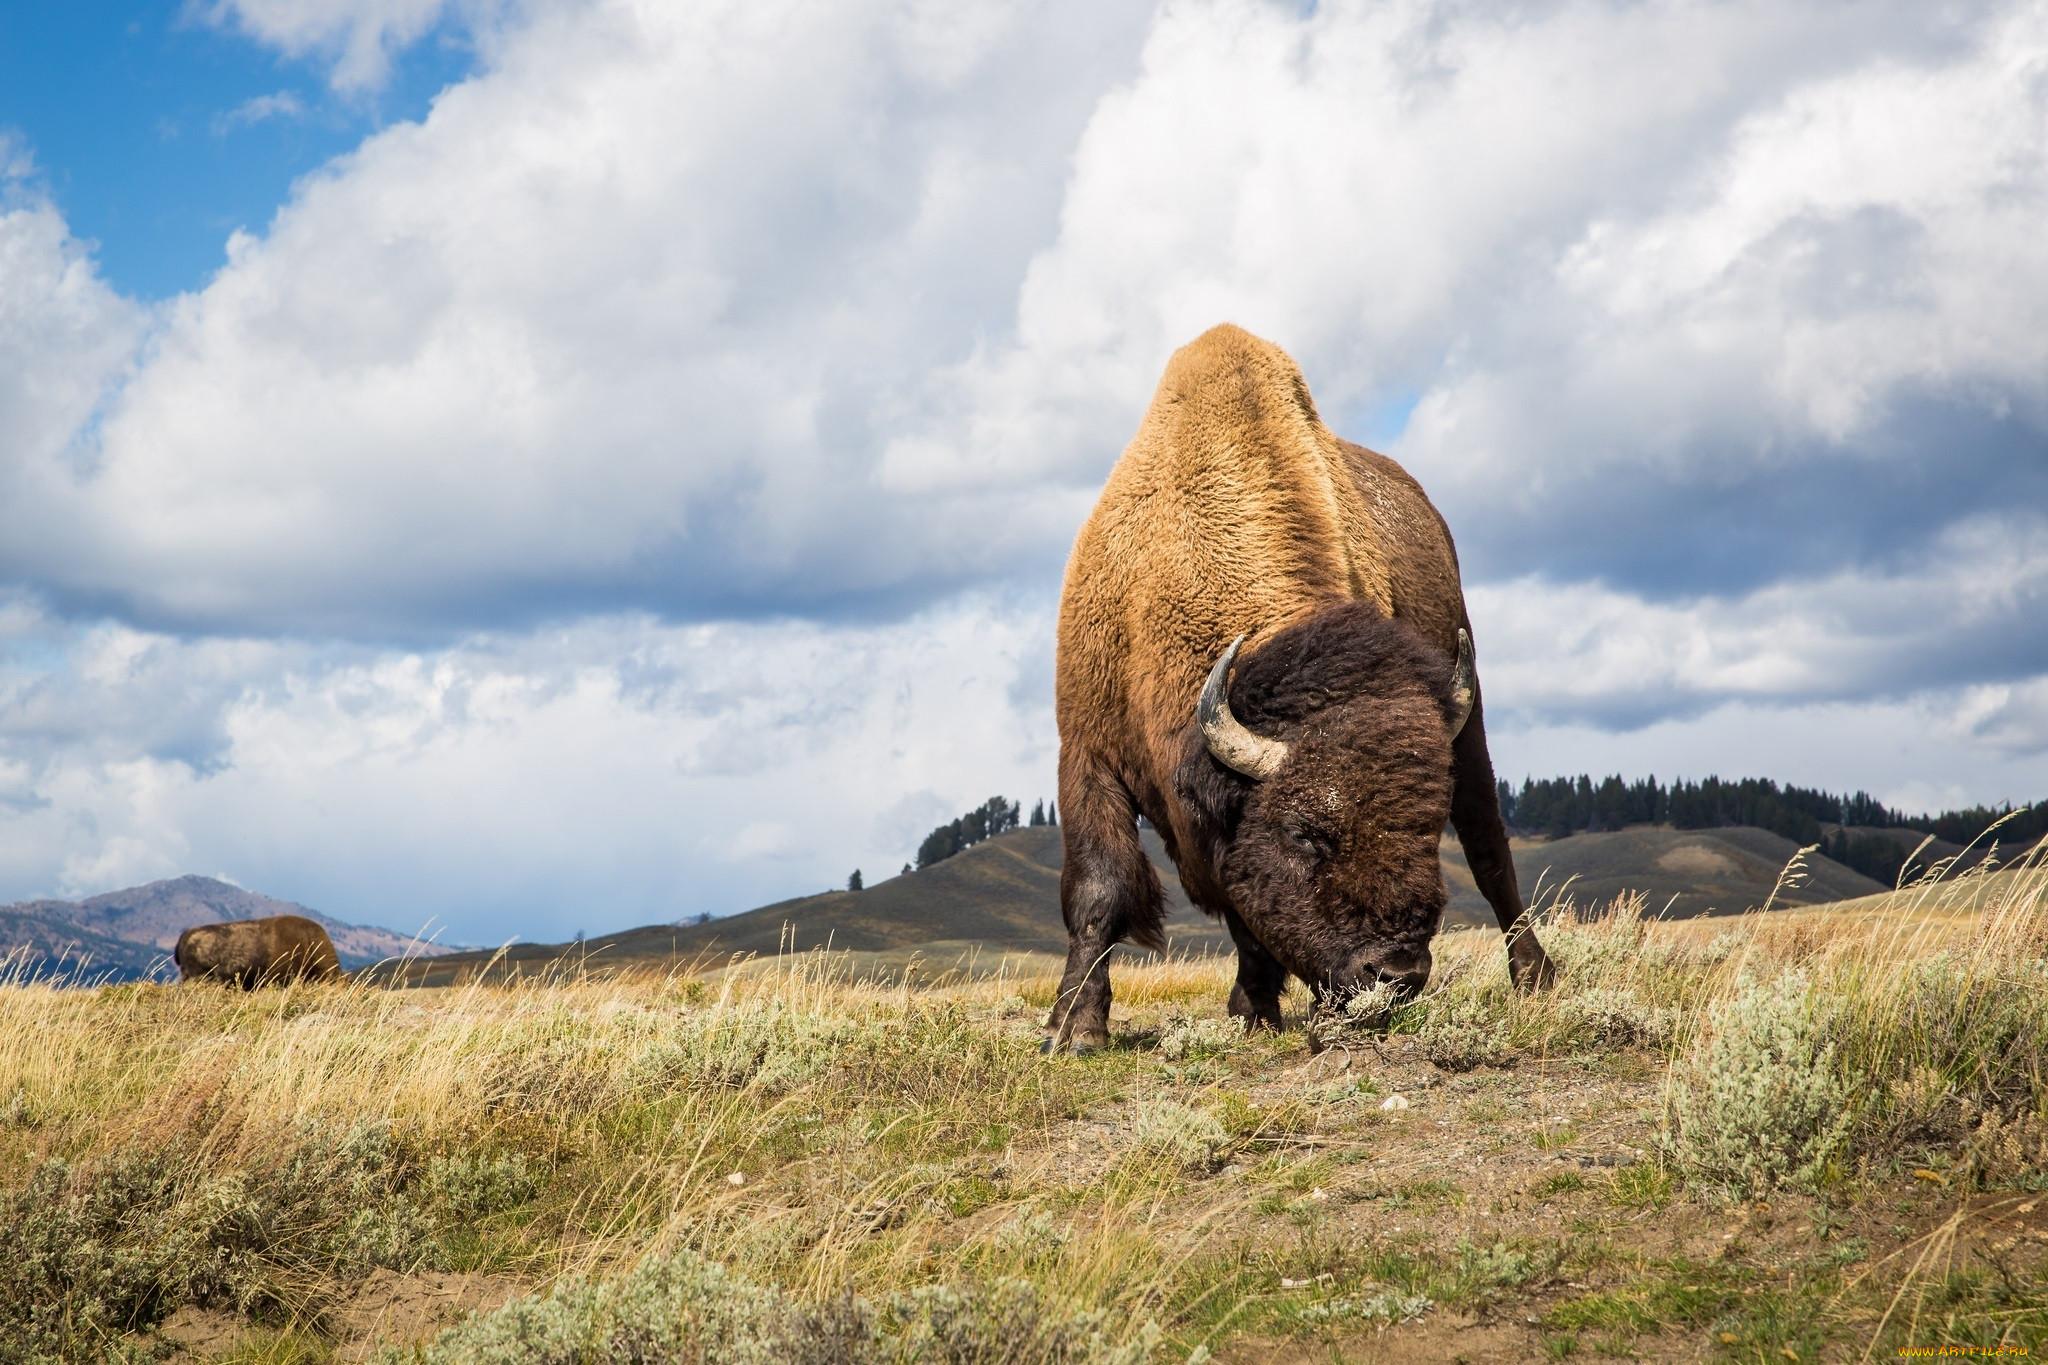 хотя бизоны фото профессиональное сидеть телефоне